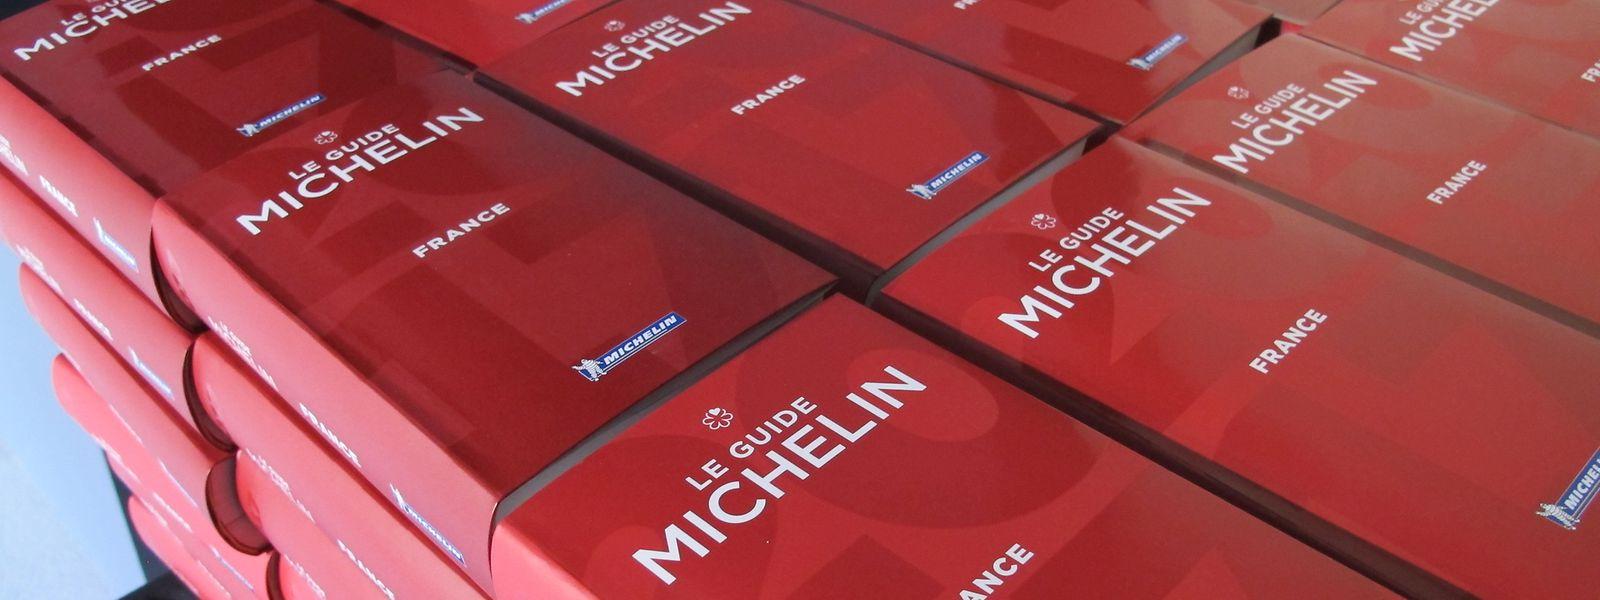 Ungeachtet der Corona-Krise wird der Gastronomieführer Guide Michelin am Montag in Paris mitteilen, welche französischen Spitzenrestaurants sich mit einem, zwei oder drei Sternen schmücken können.